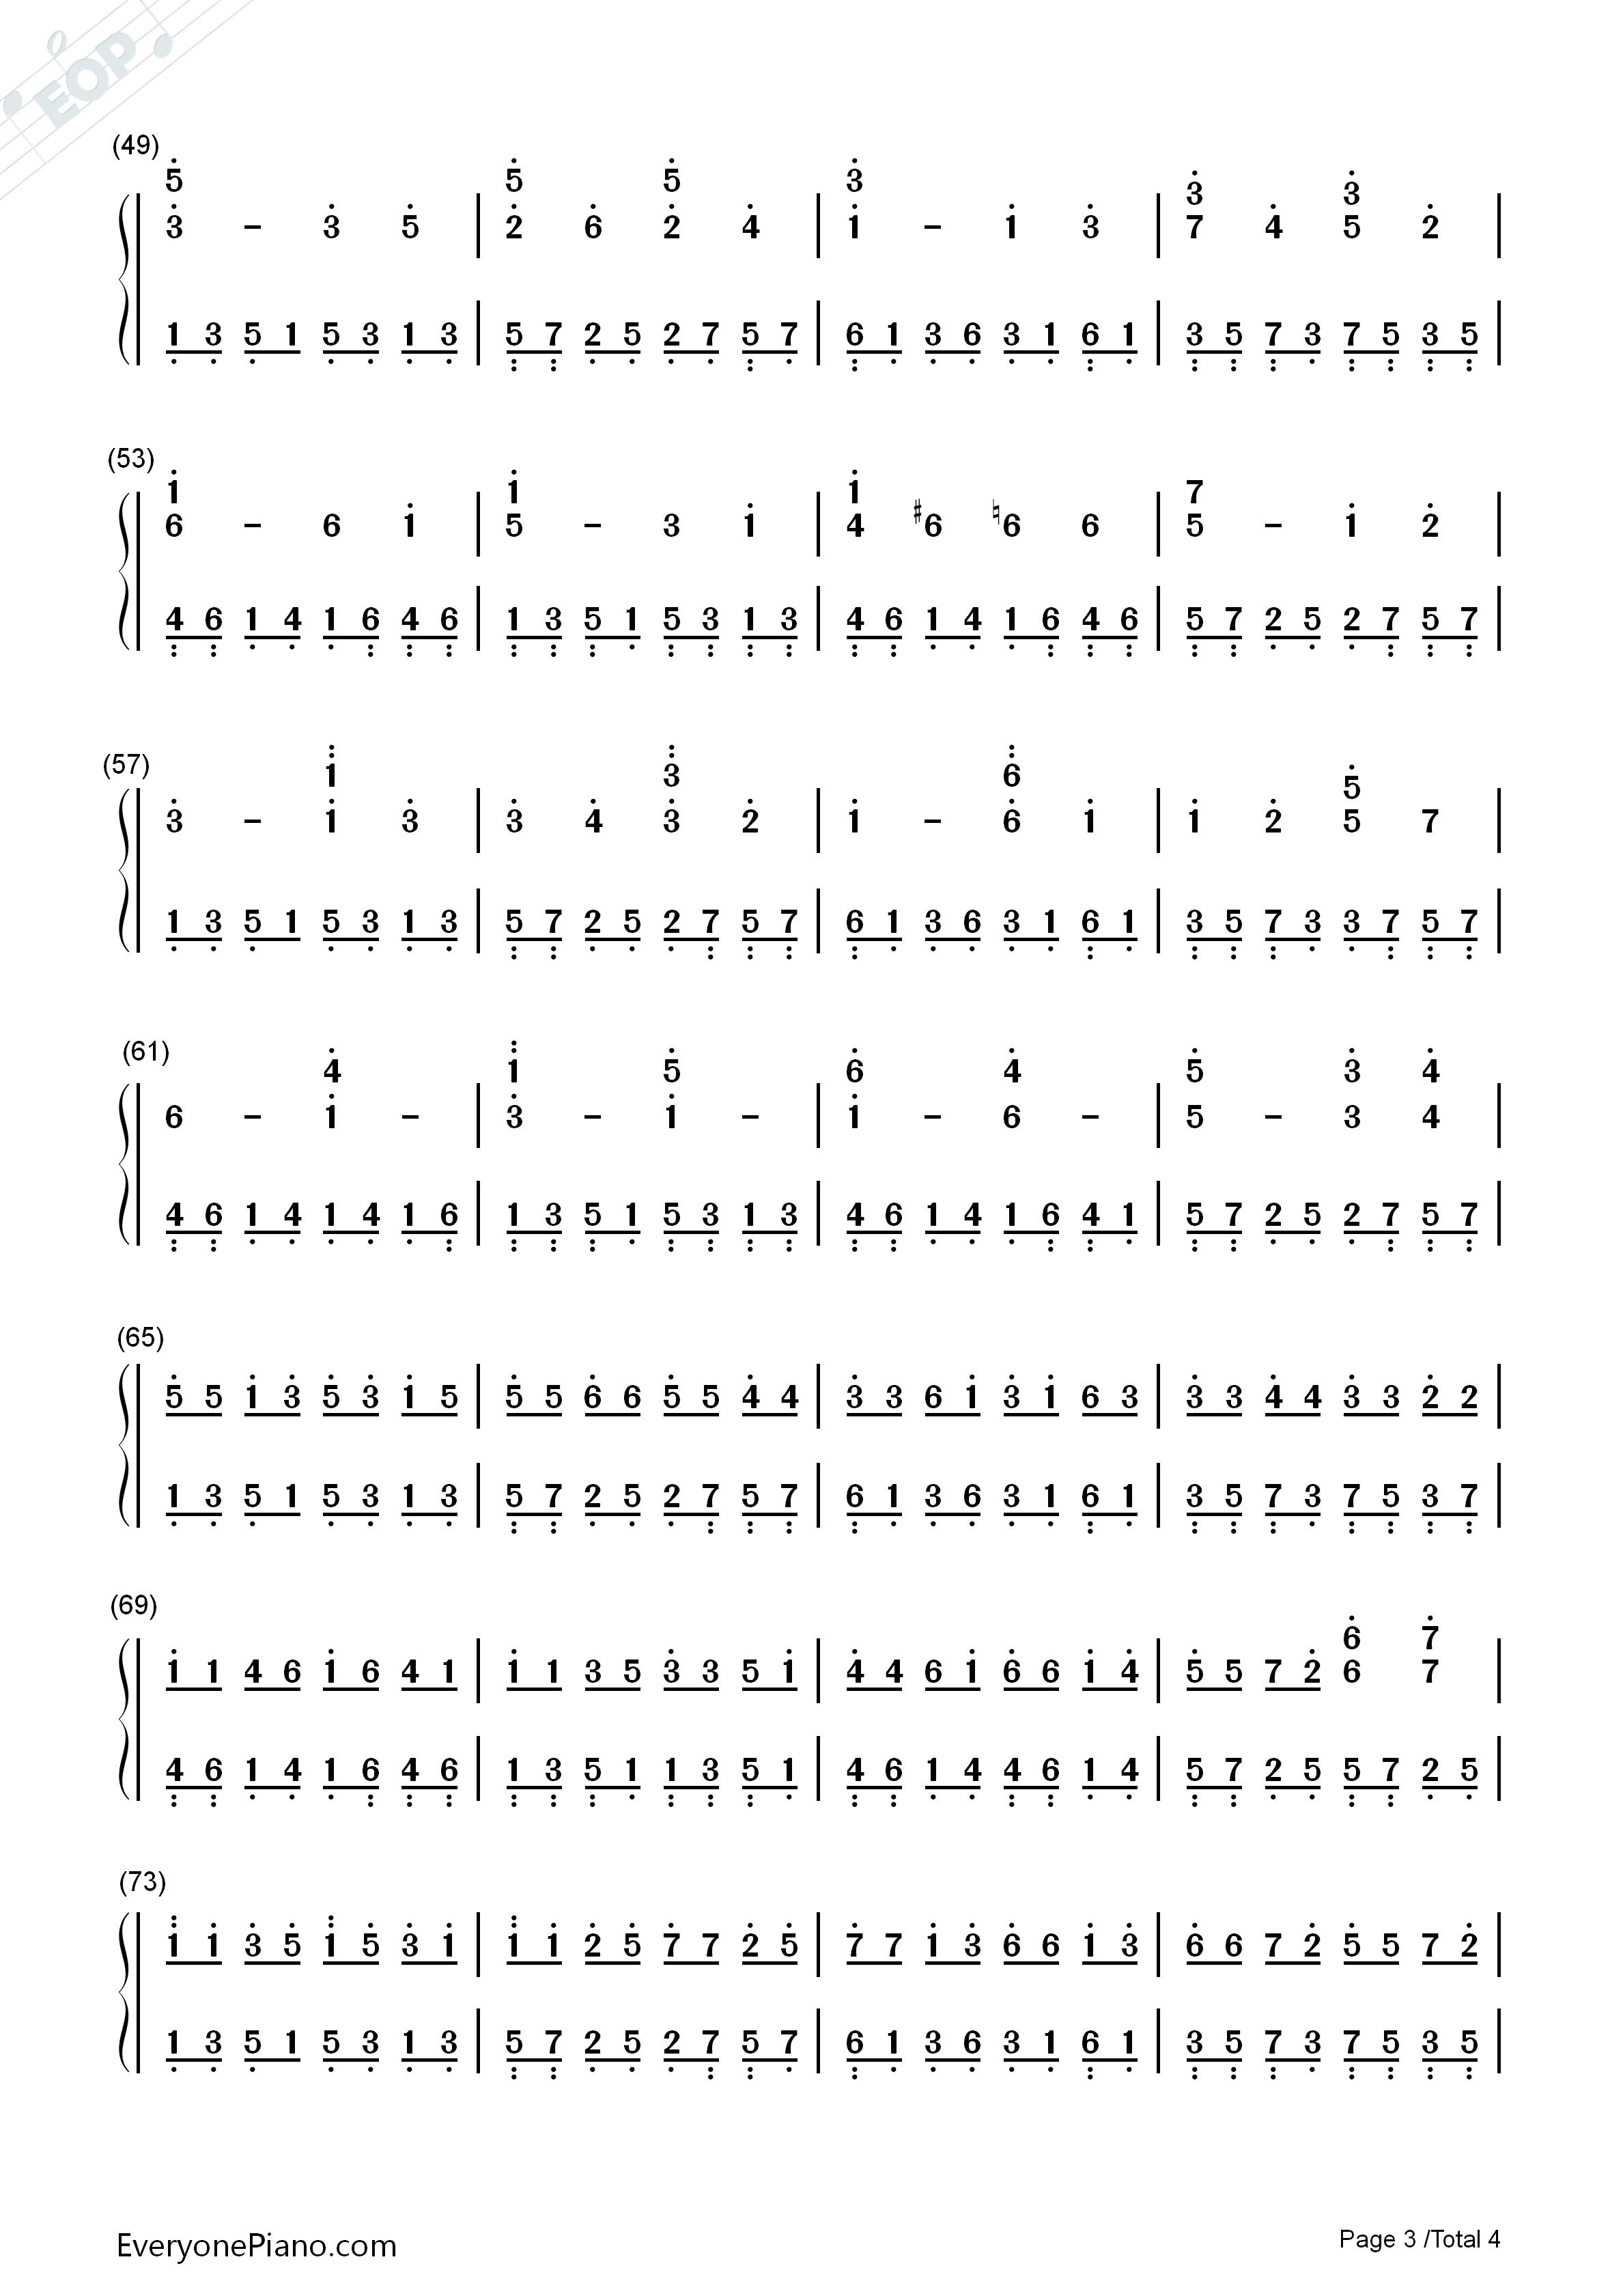 钢琴曲谱 轻音乐 d大调卡农-帕赫贝尔 d大调卡农-帕赫贝尔双手简谱